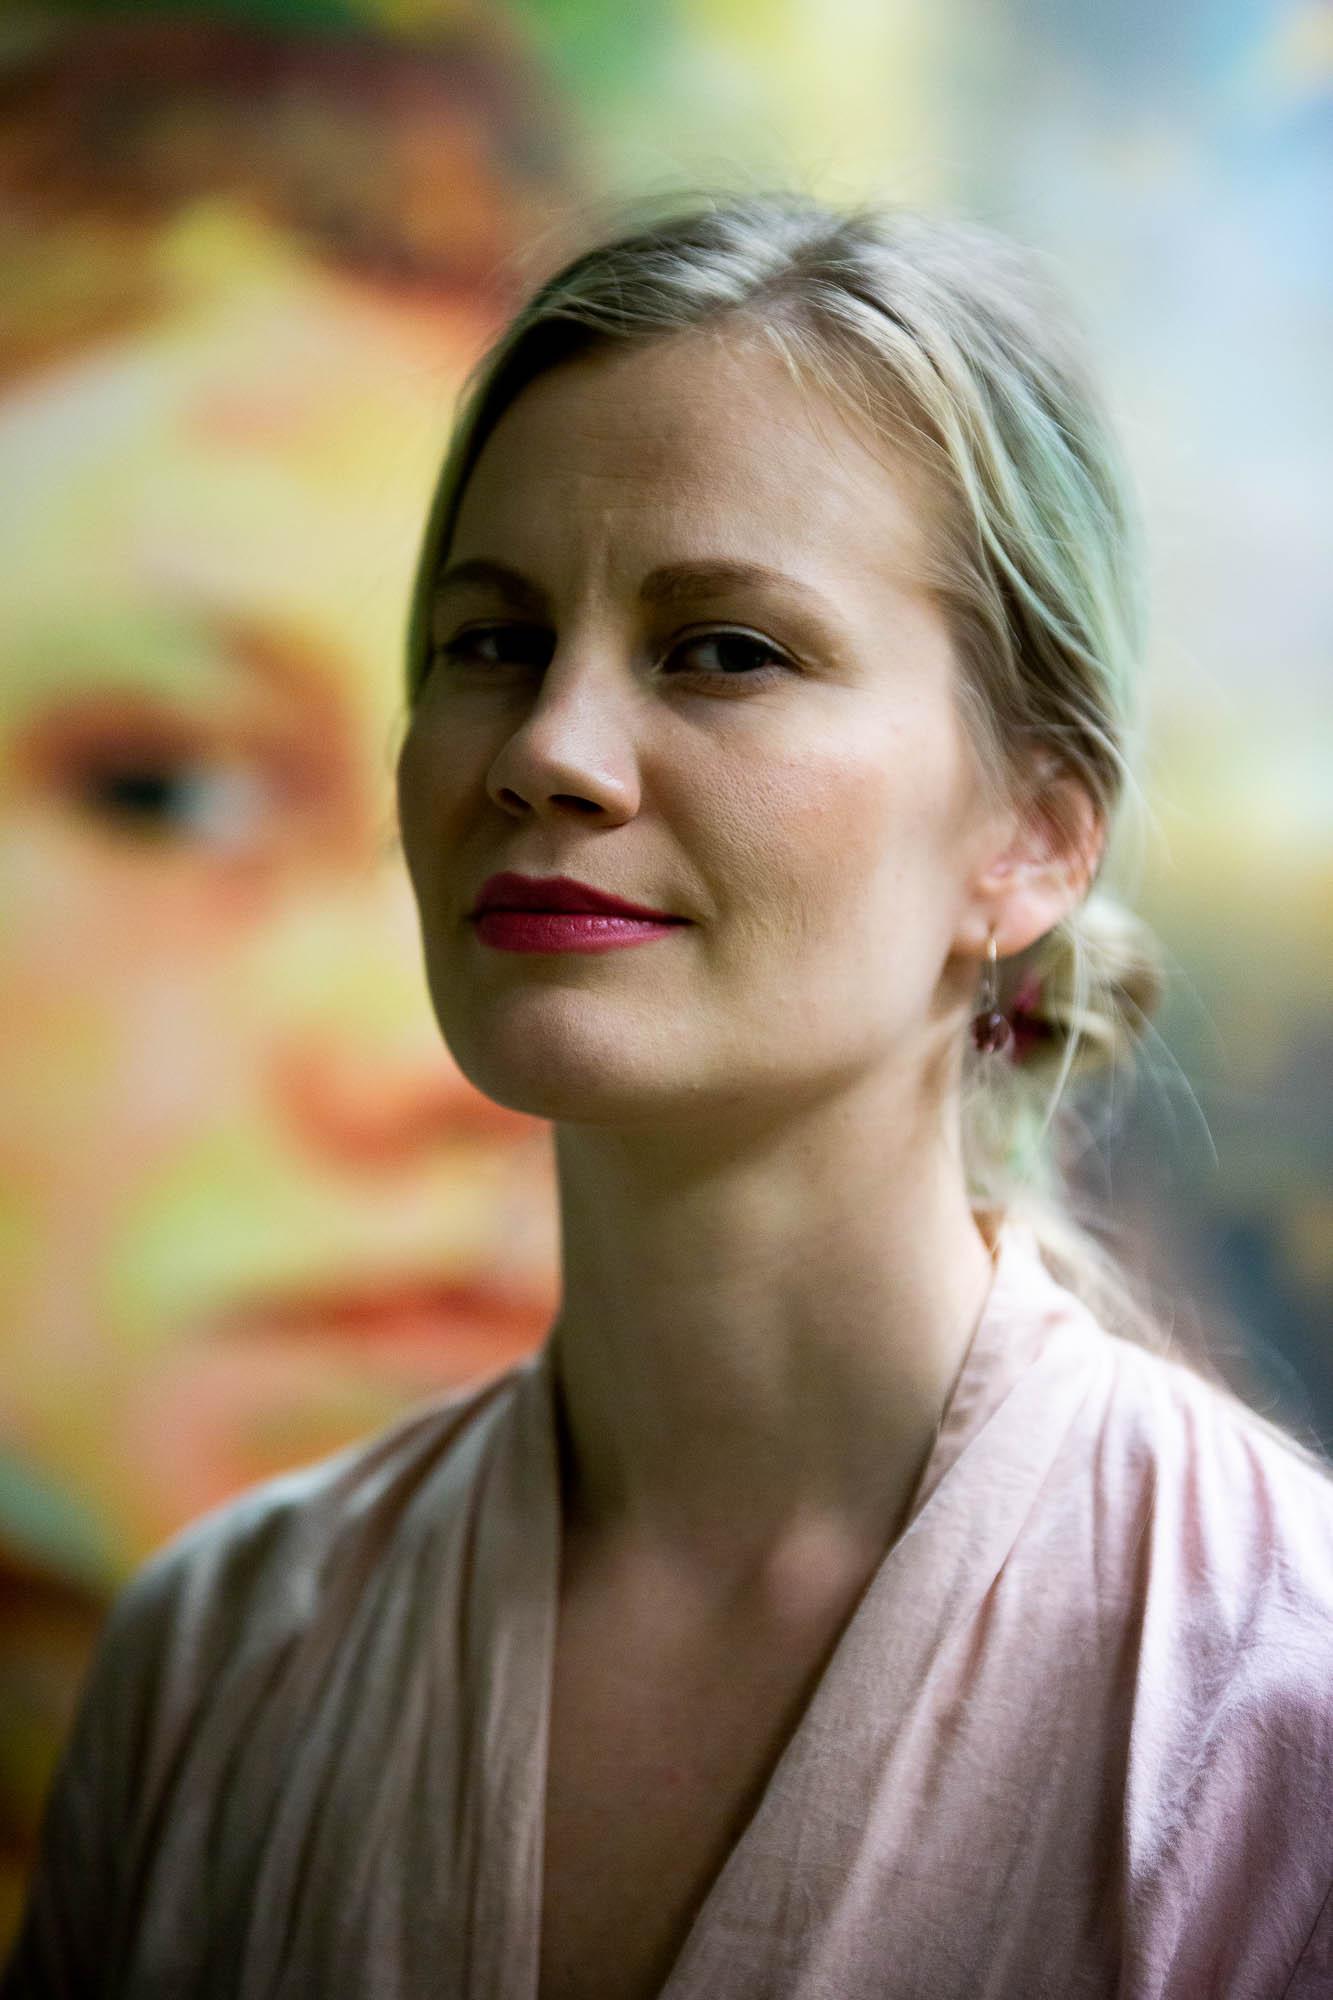 Muotokuva nuorehkosta naisesta, sivuprofiili, katse kameraan, taustalla epätarkka maalaus